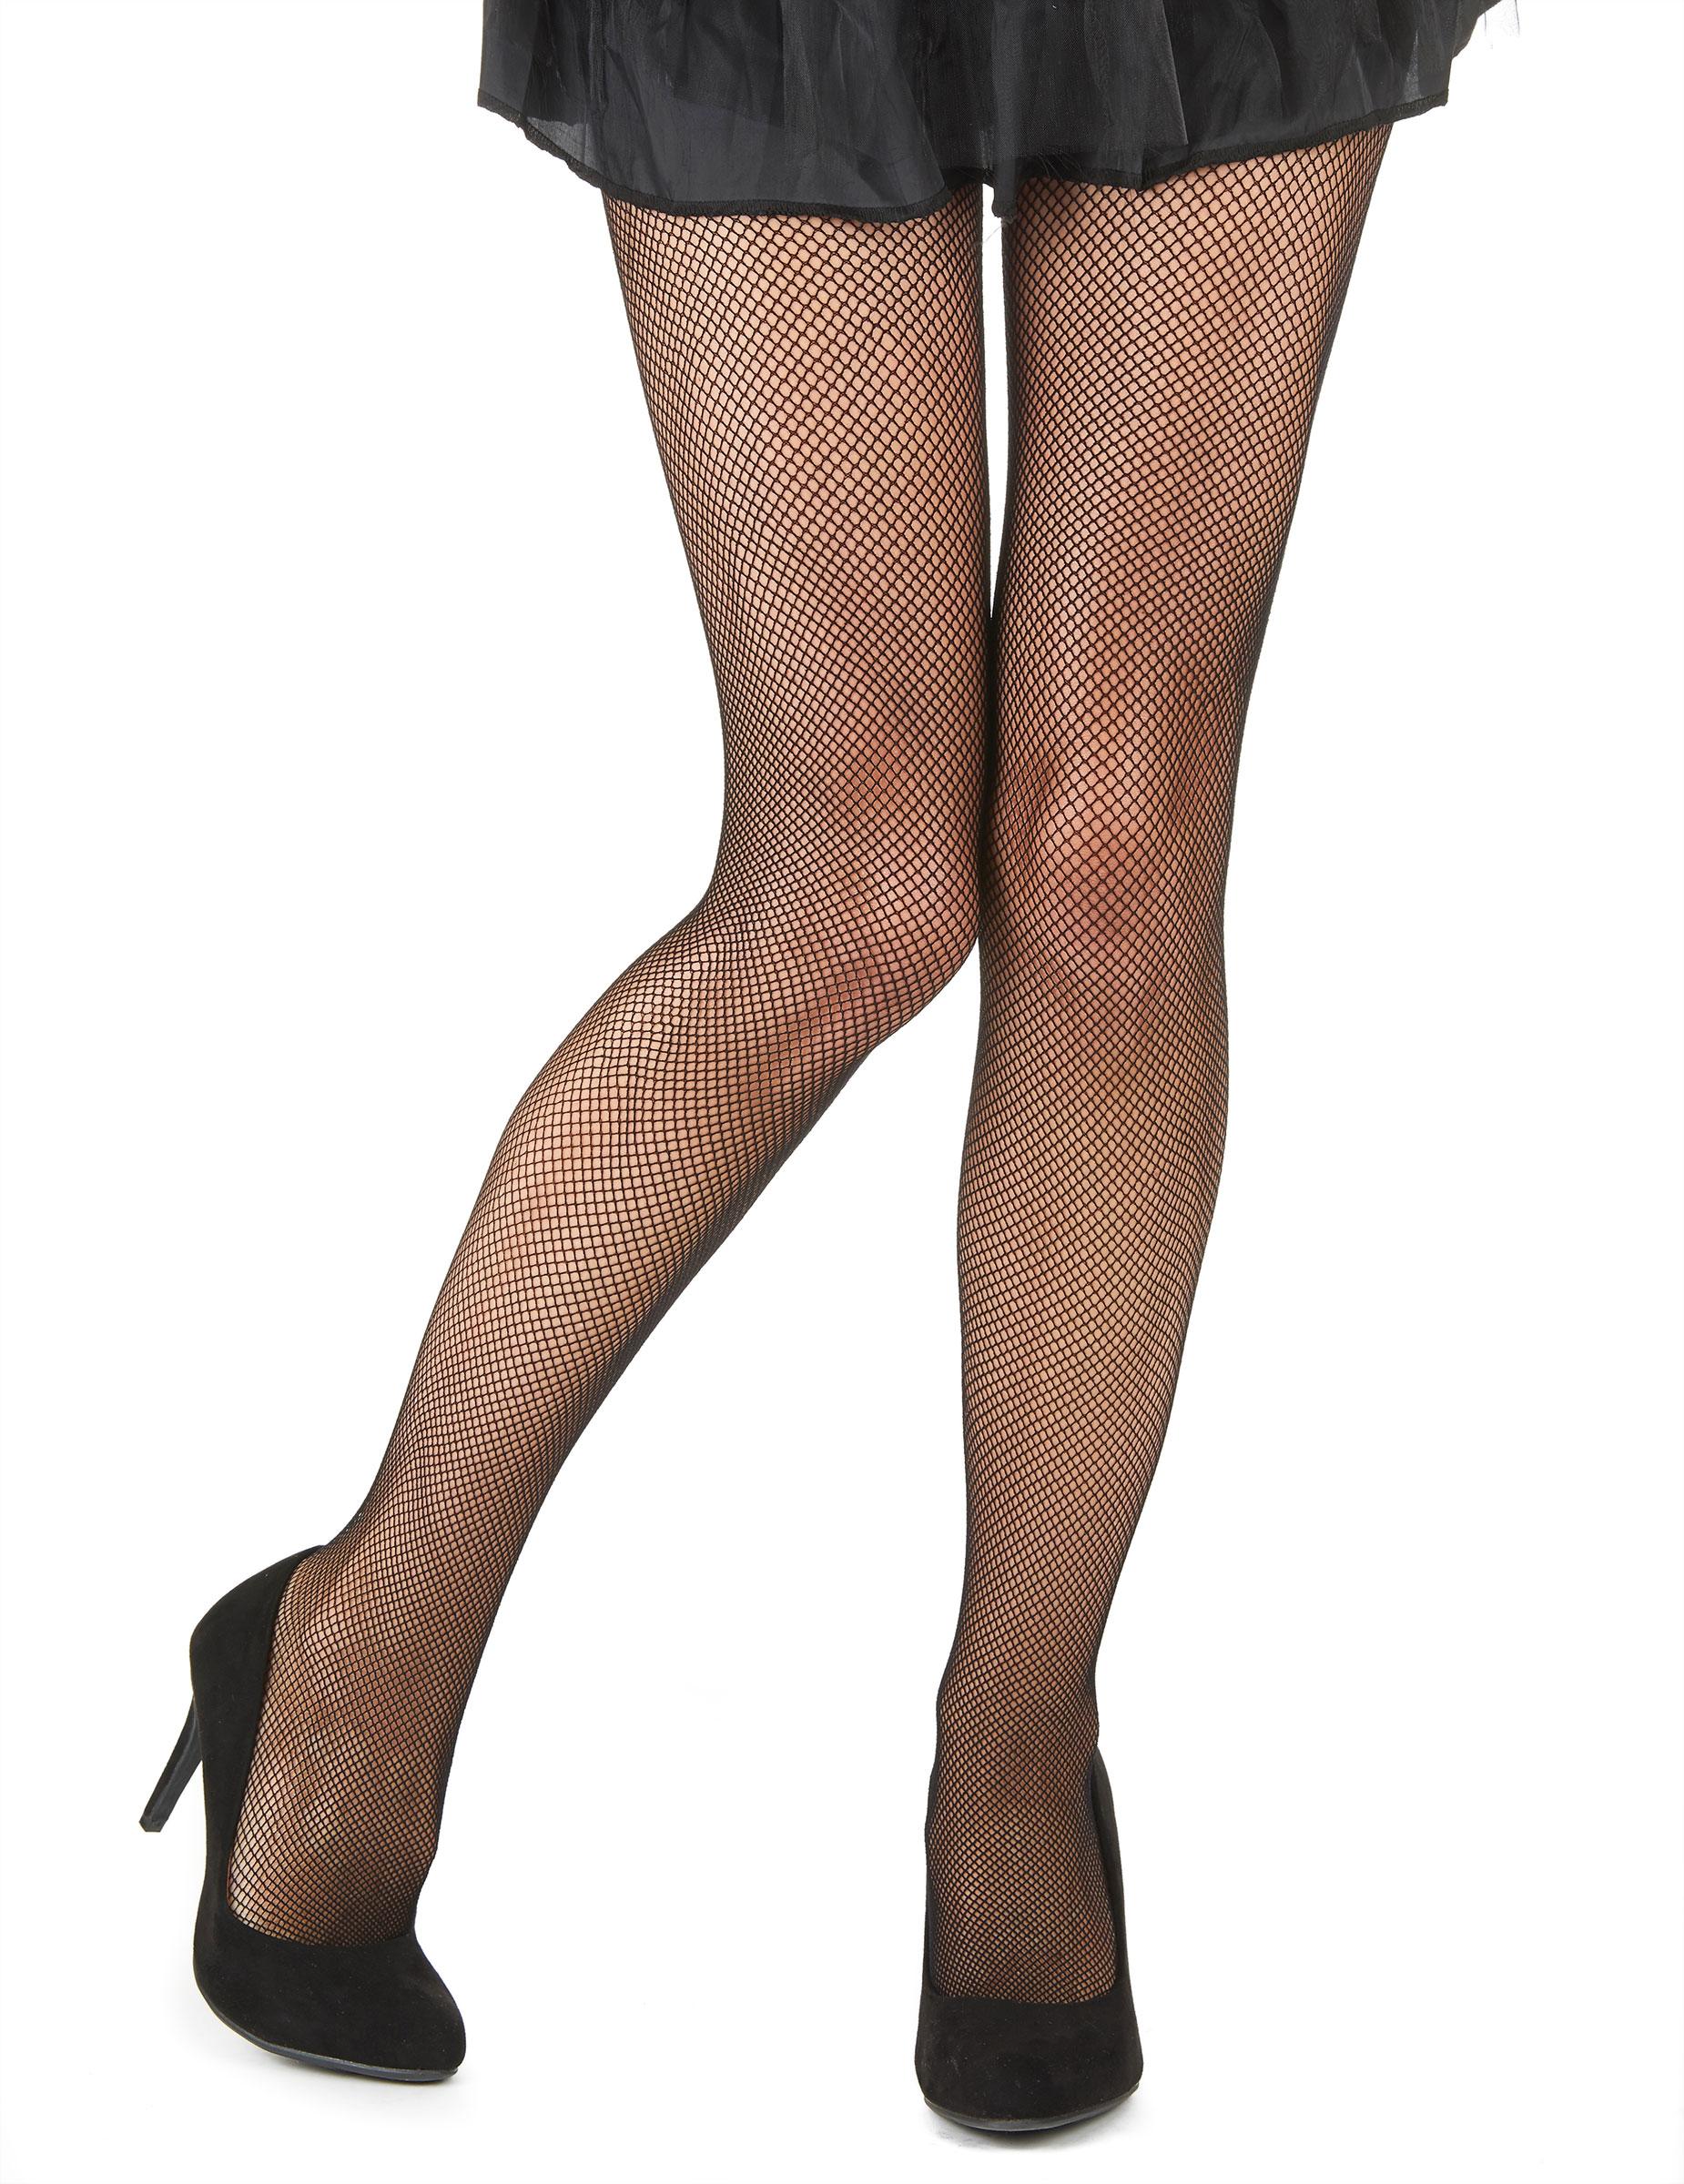 100% top quality outlet on sale exquisite design Collants résille fine noire femme